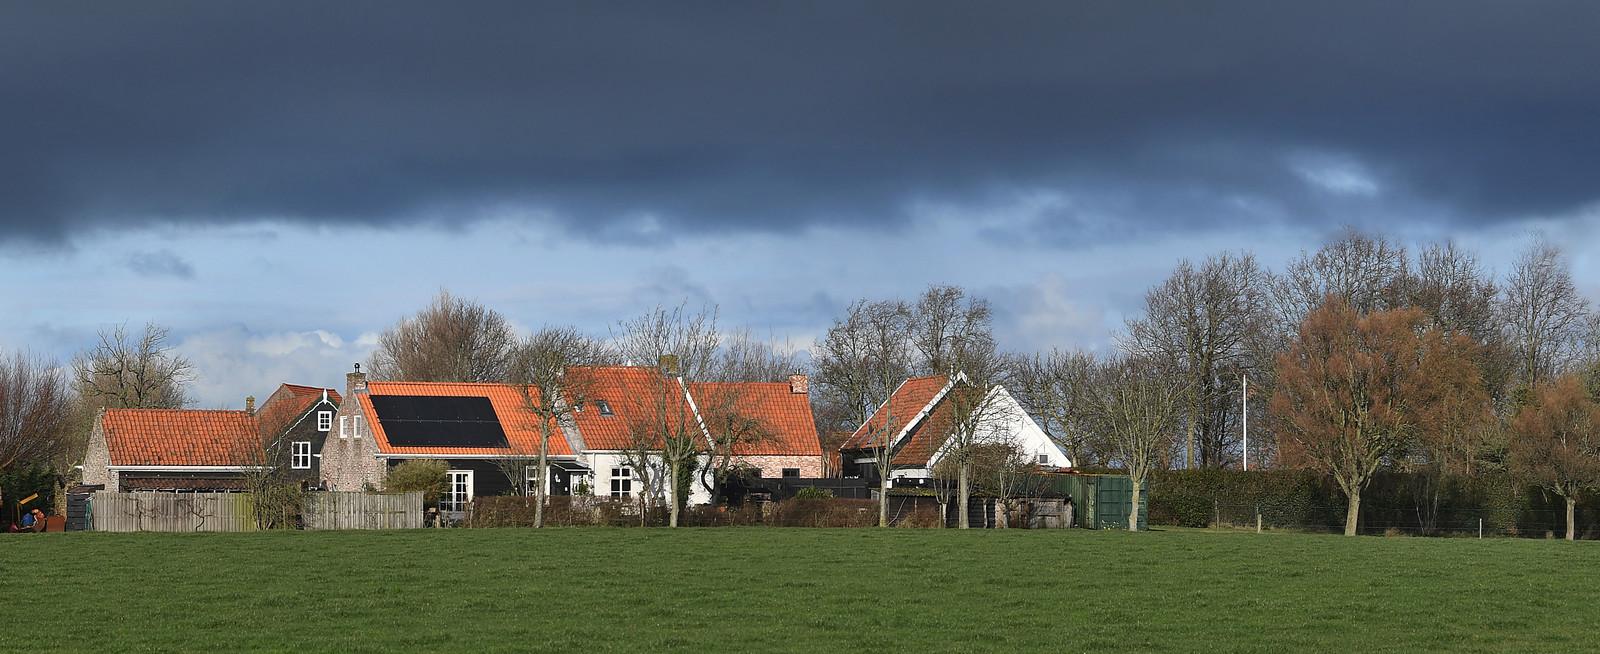 Mariekerke, een buurtschap met een bebouwde ring rond een voormalig kerkhof.